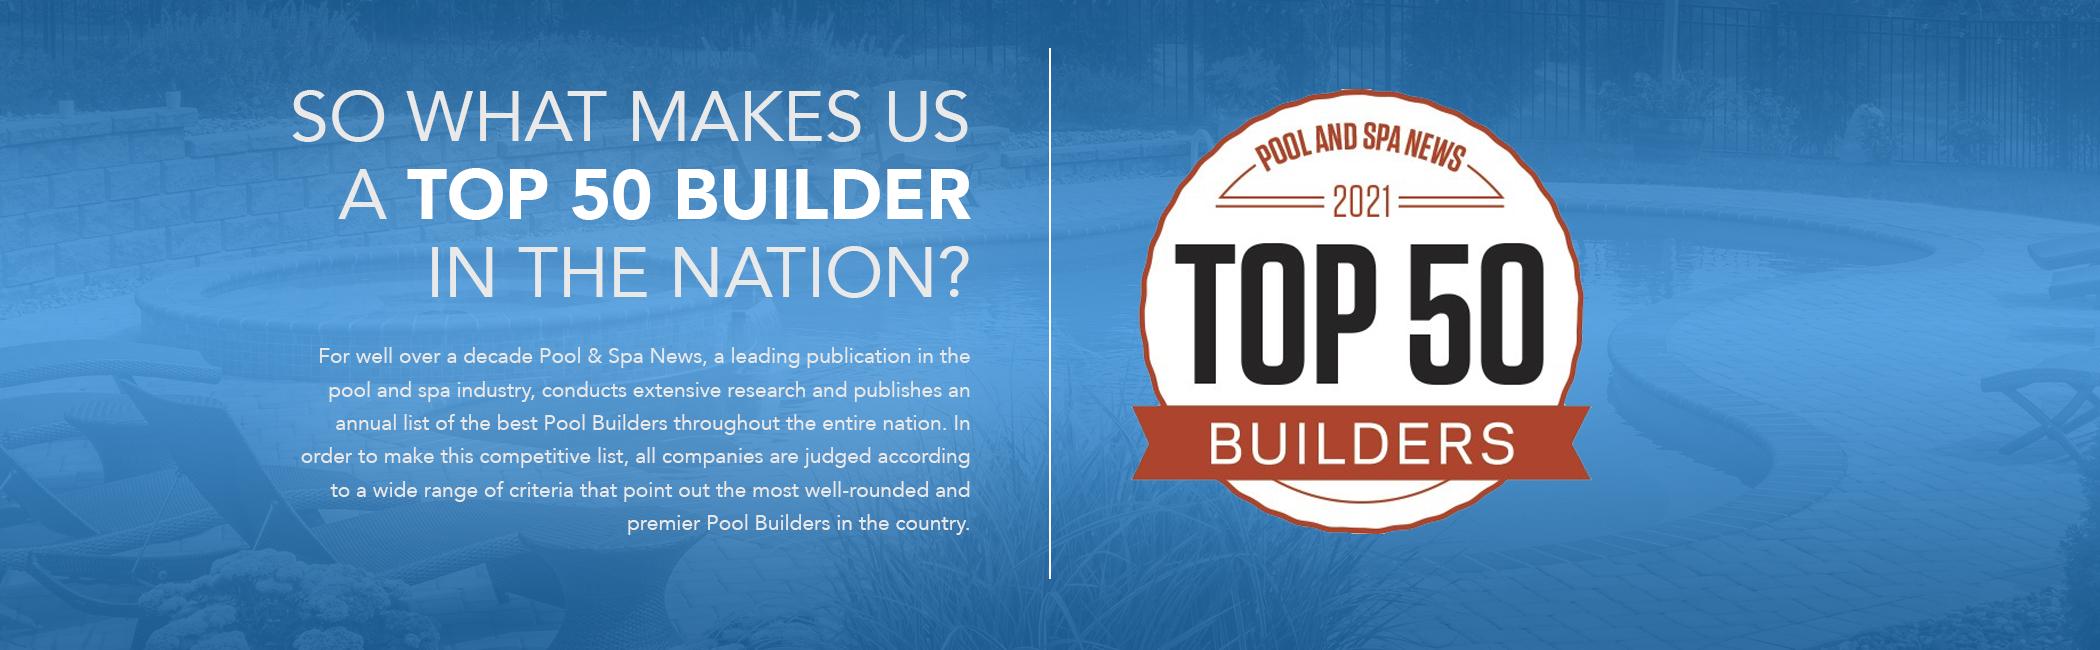 Top 50 Pool Builder Seasonal World